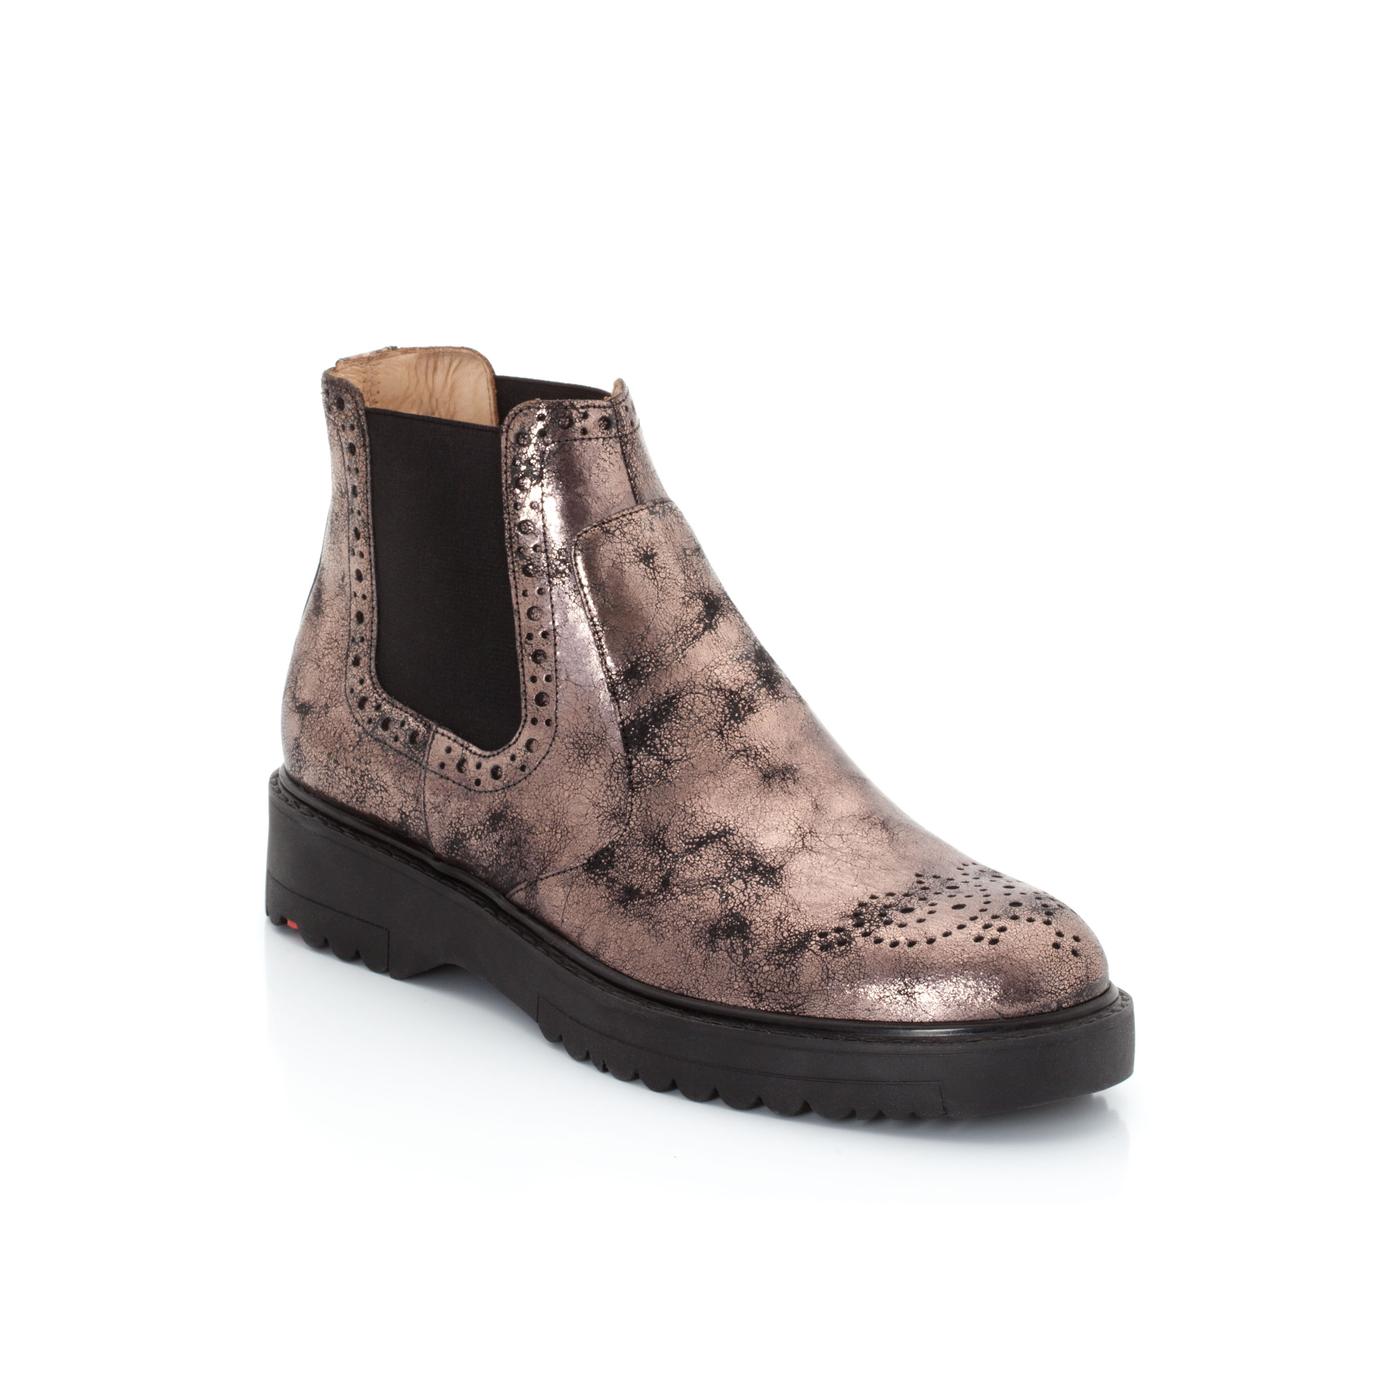 Stiefeletten | Schuhe > Stiefeletten | Gold | Leder | Lloyd